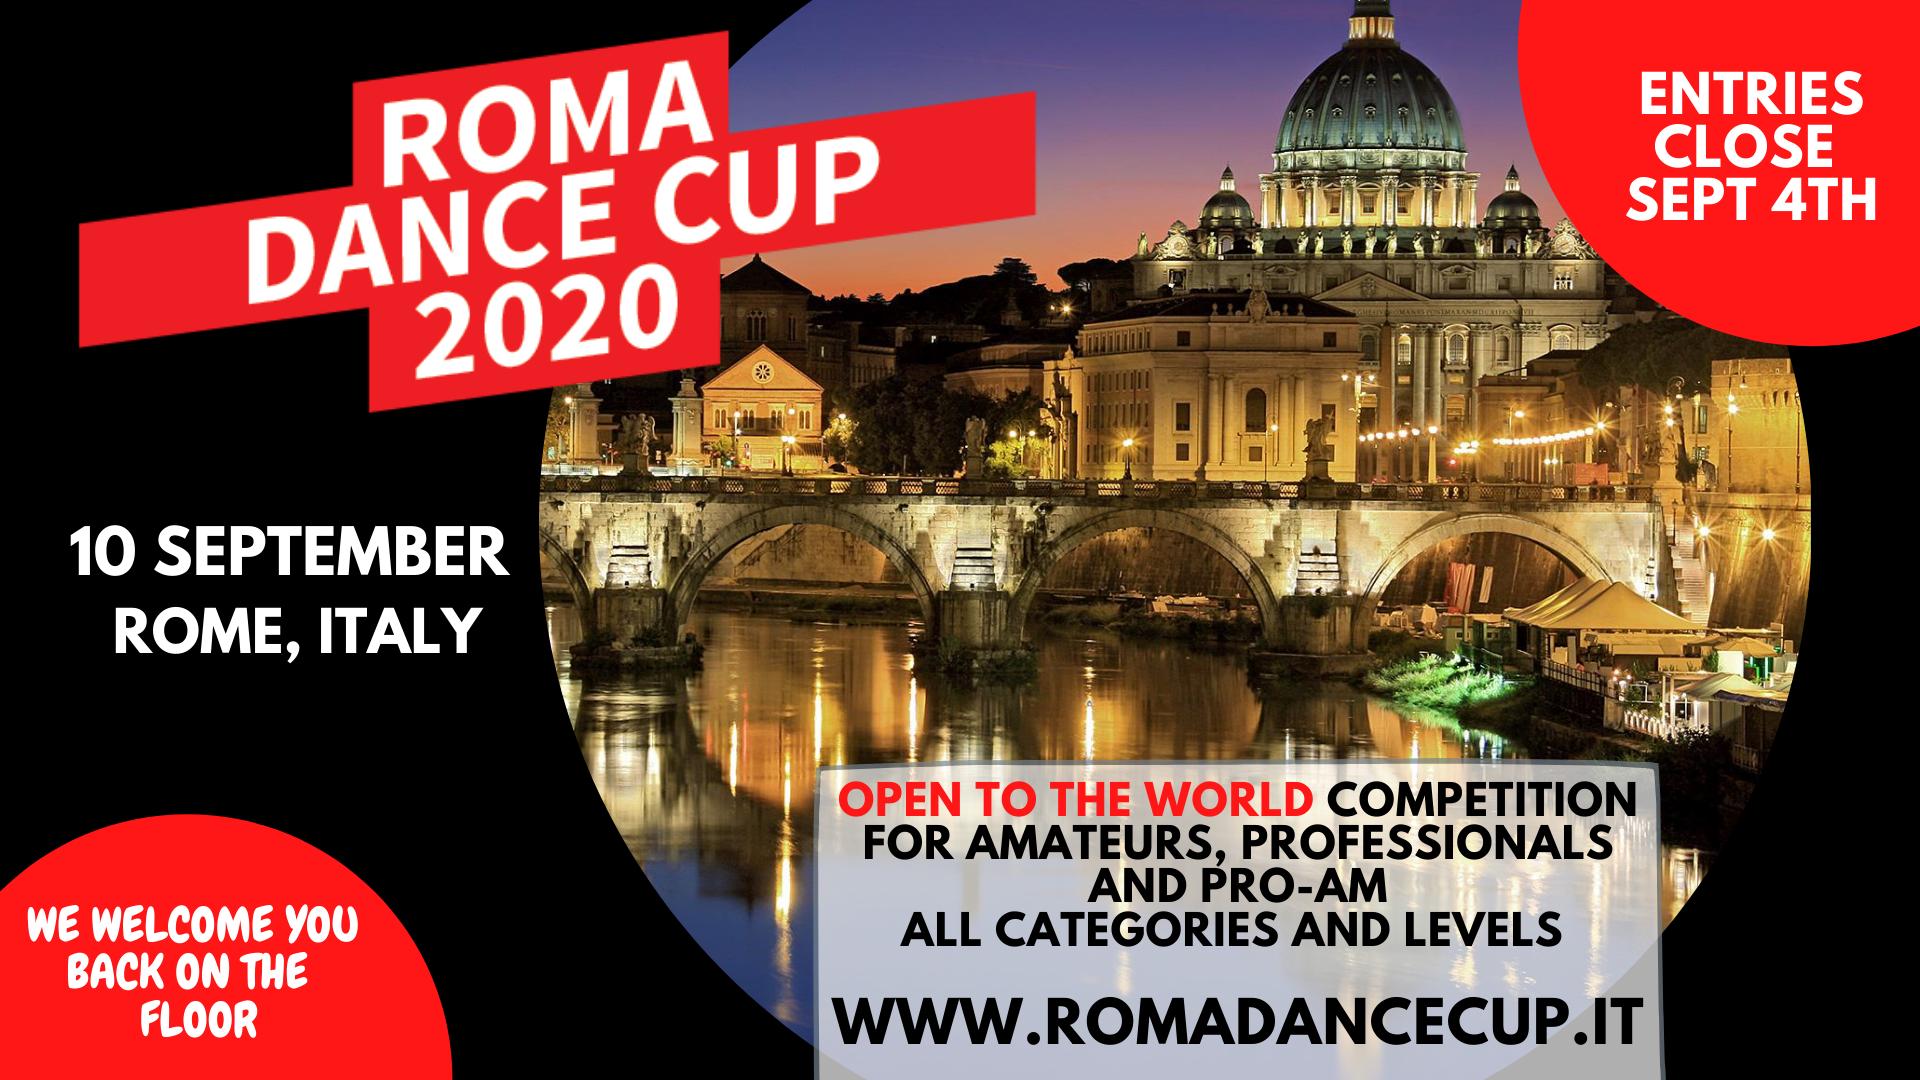 RomaDanceCup